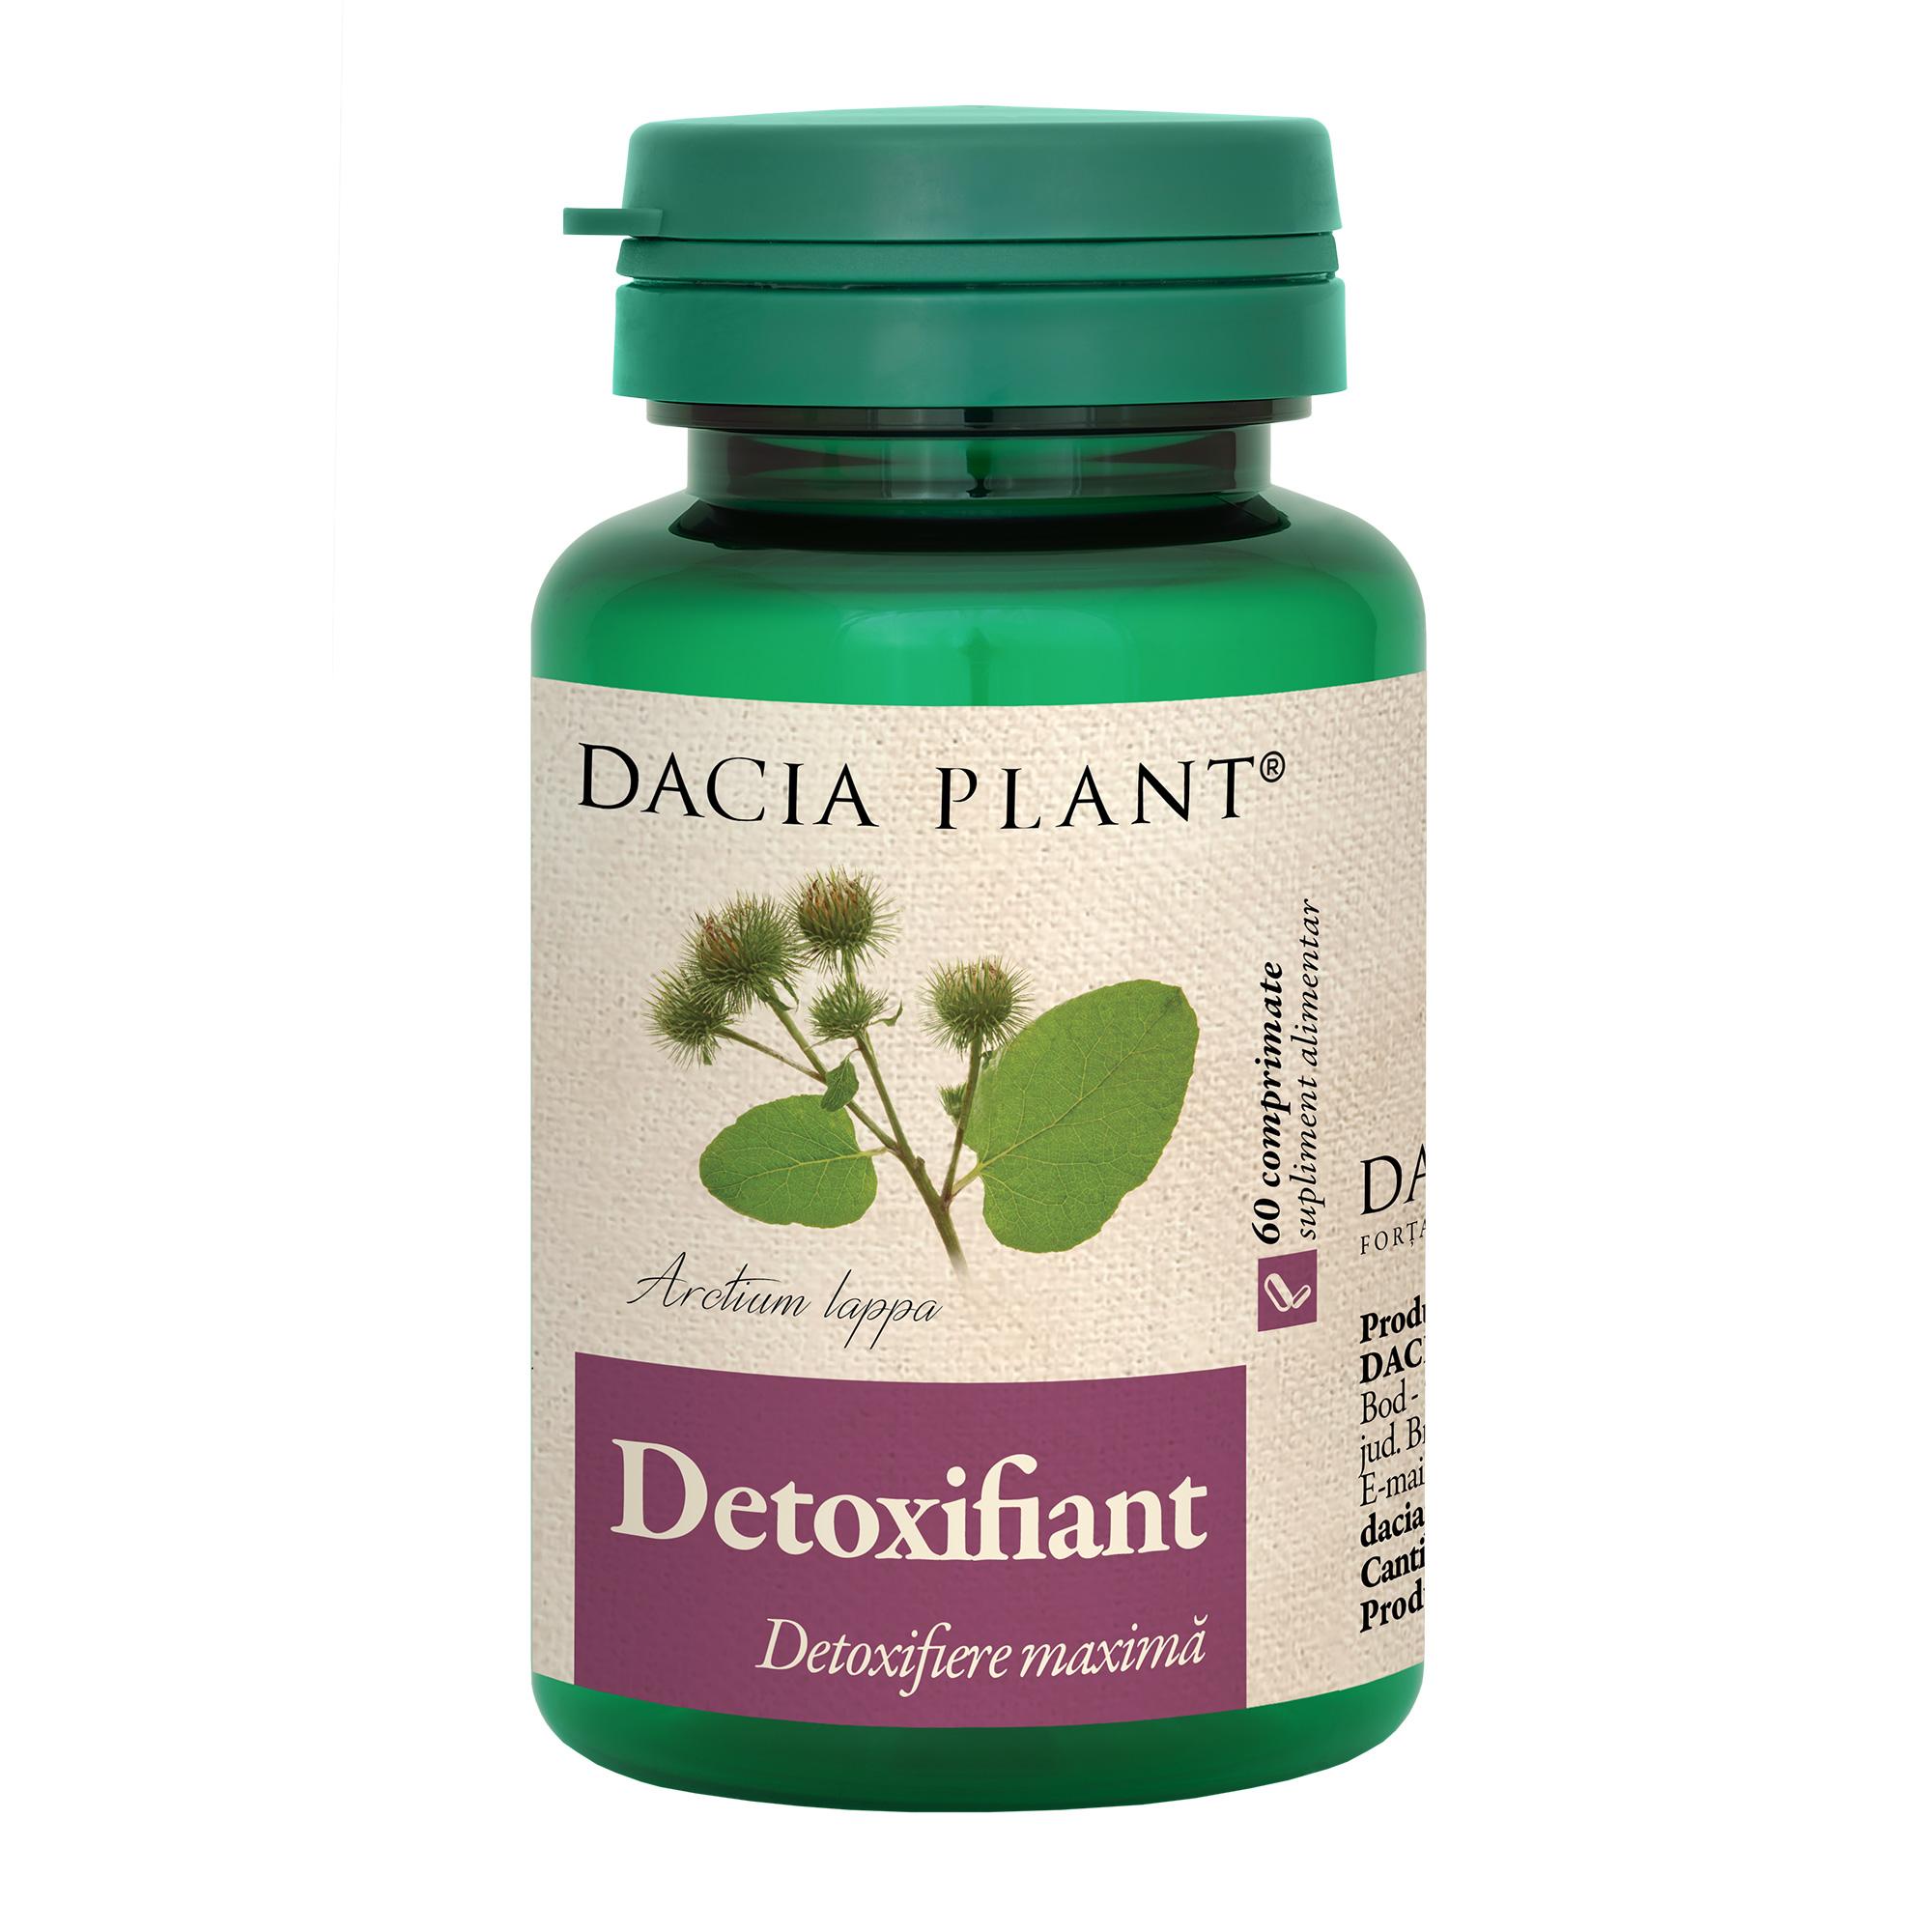 supliment suplimentar dietetic de detoxifiere)